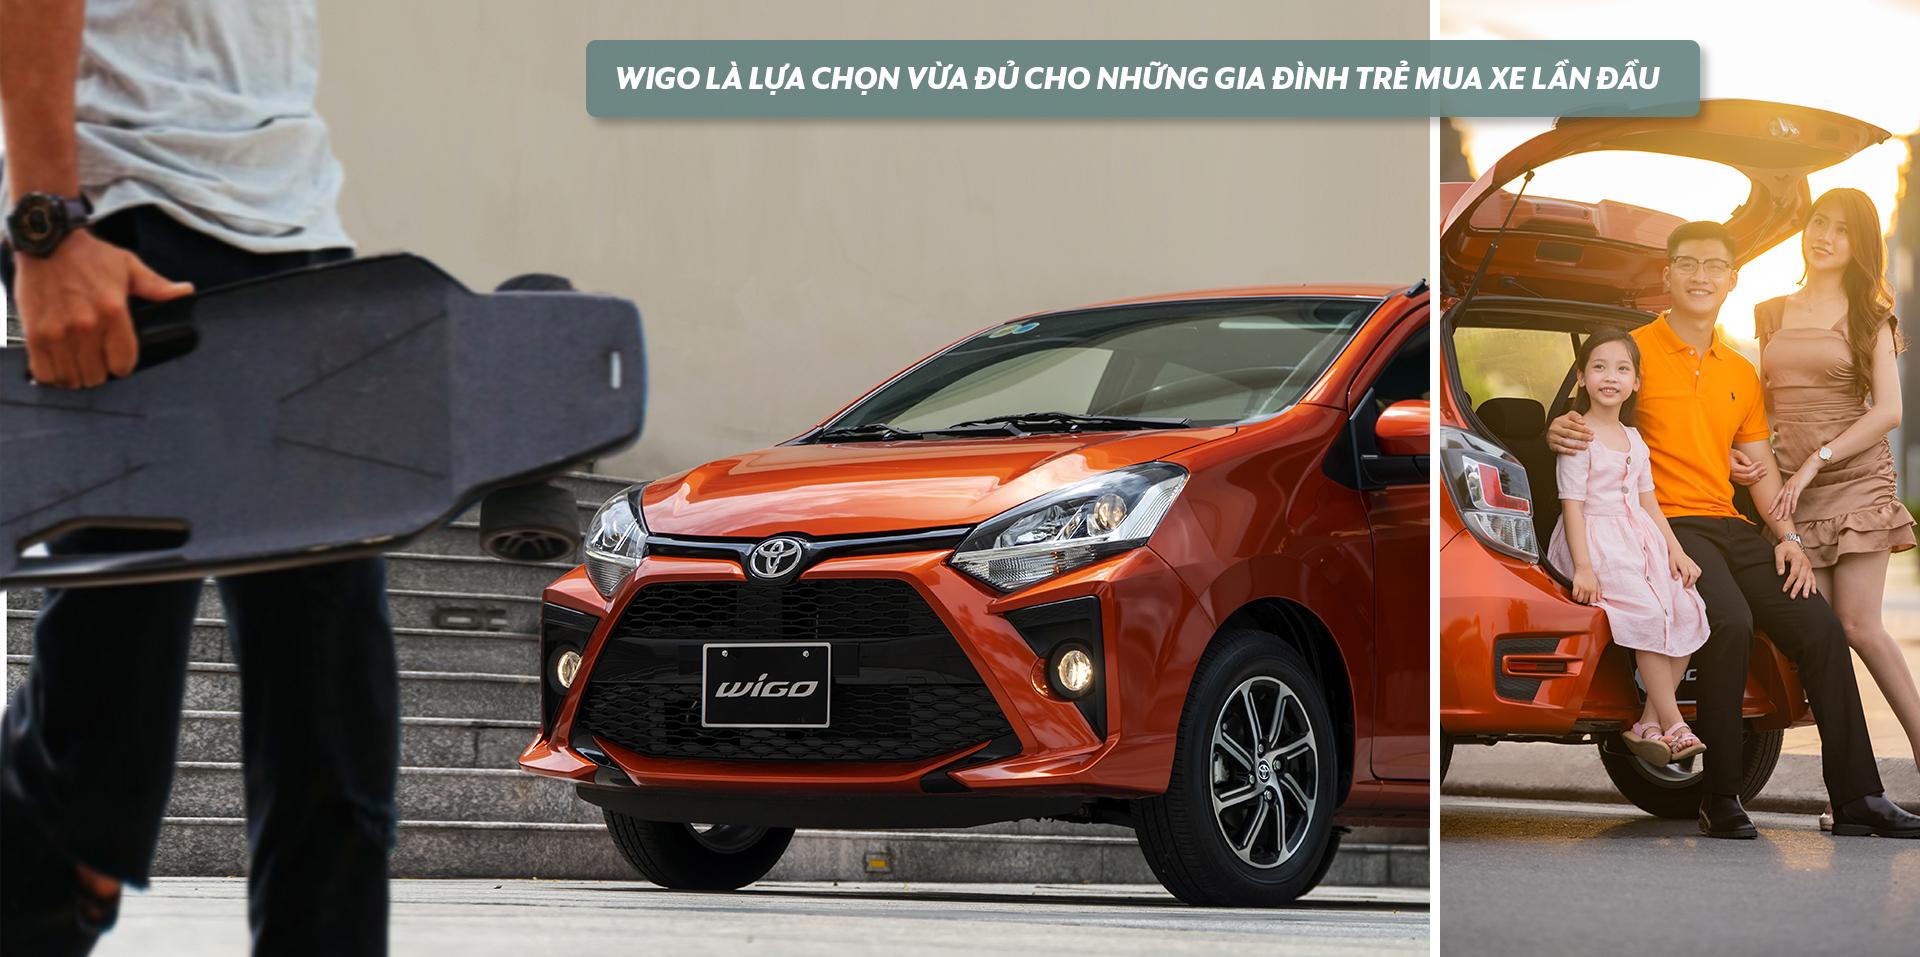 Toyota Wigo - Xe riêng cho những chuyến đi bình yên - 3